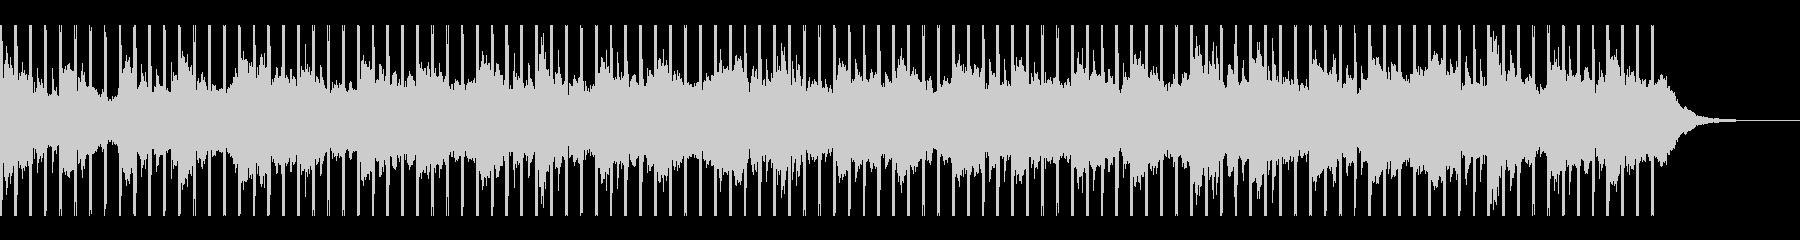 ビジネスプレゼンテーション用(60秒)の未再生の波形